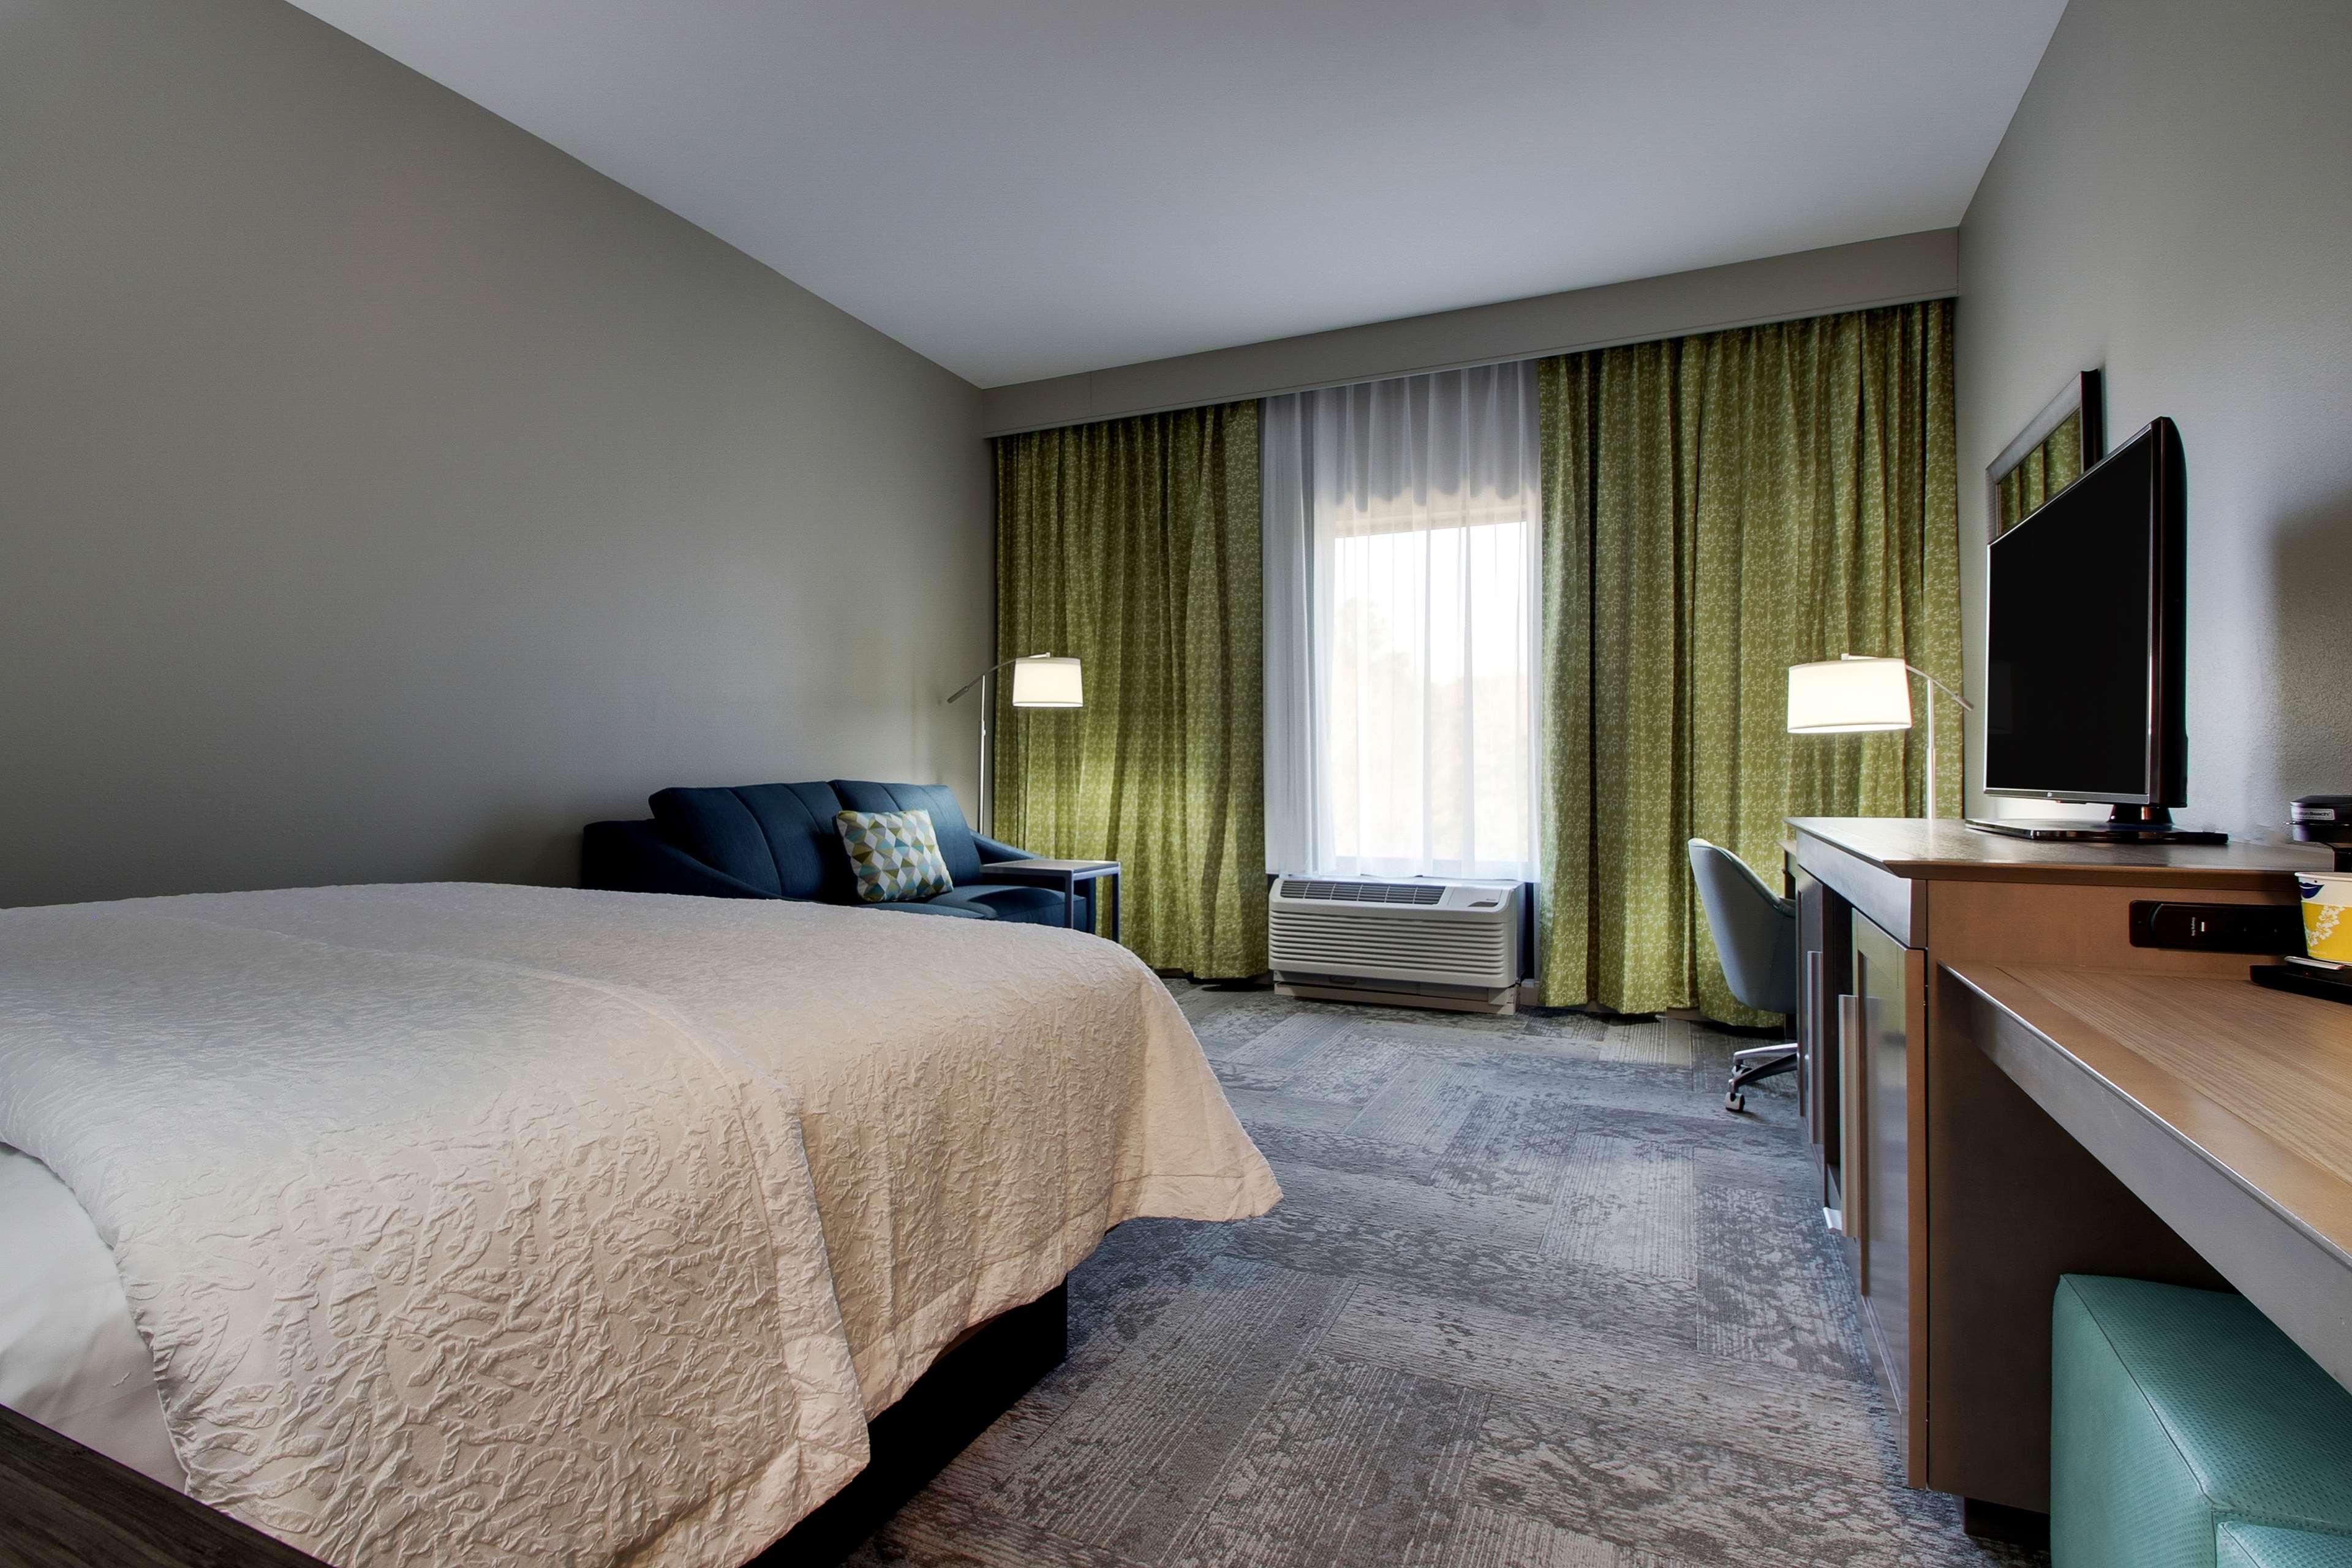 Hampton Inn & Suites Knightdale Raleigh image 31